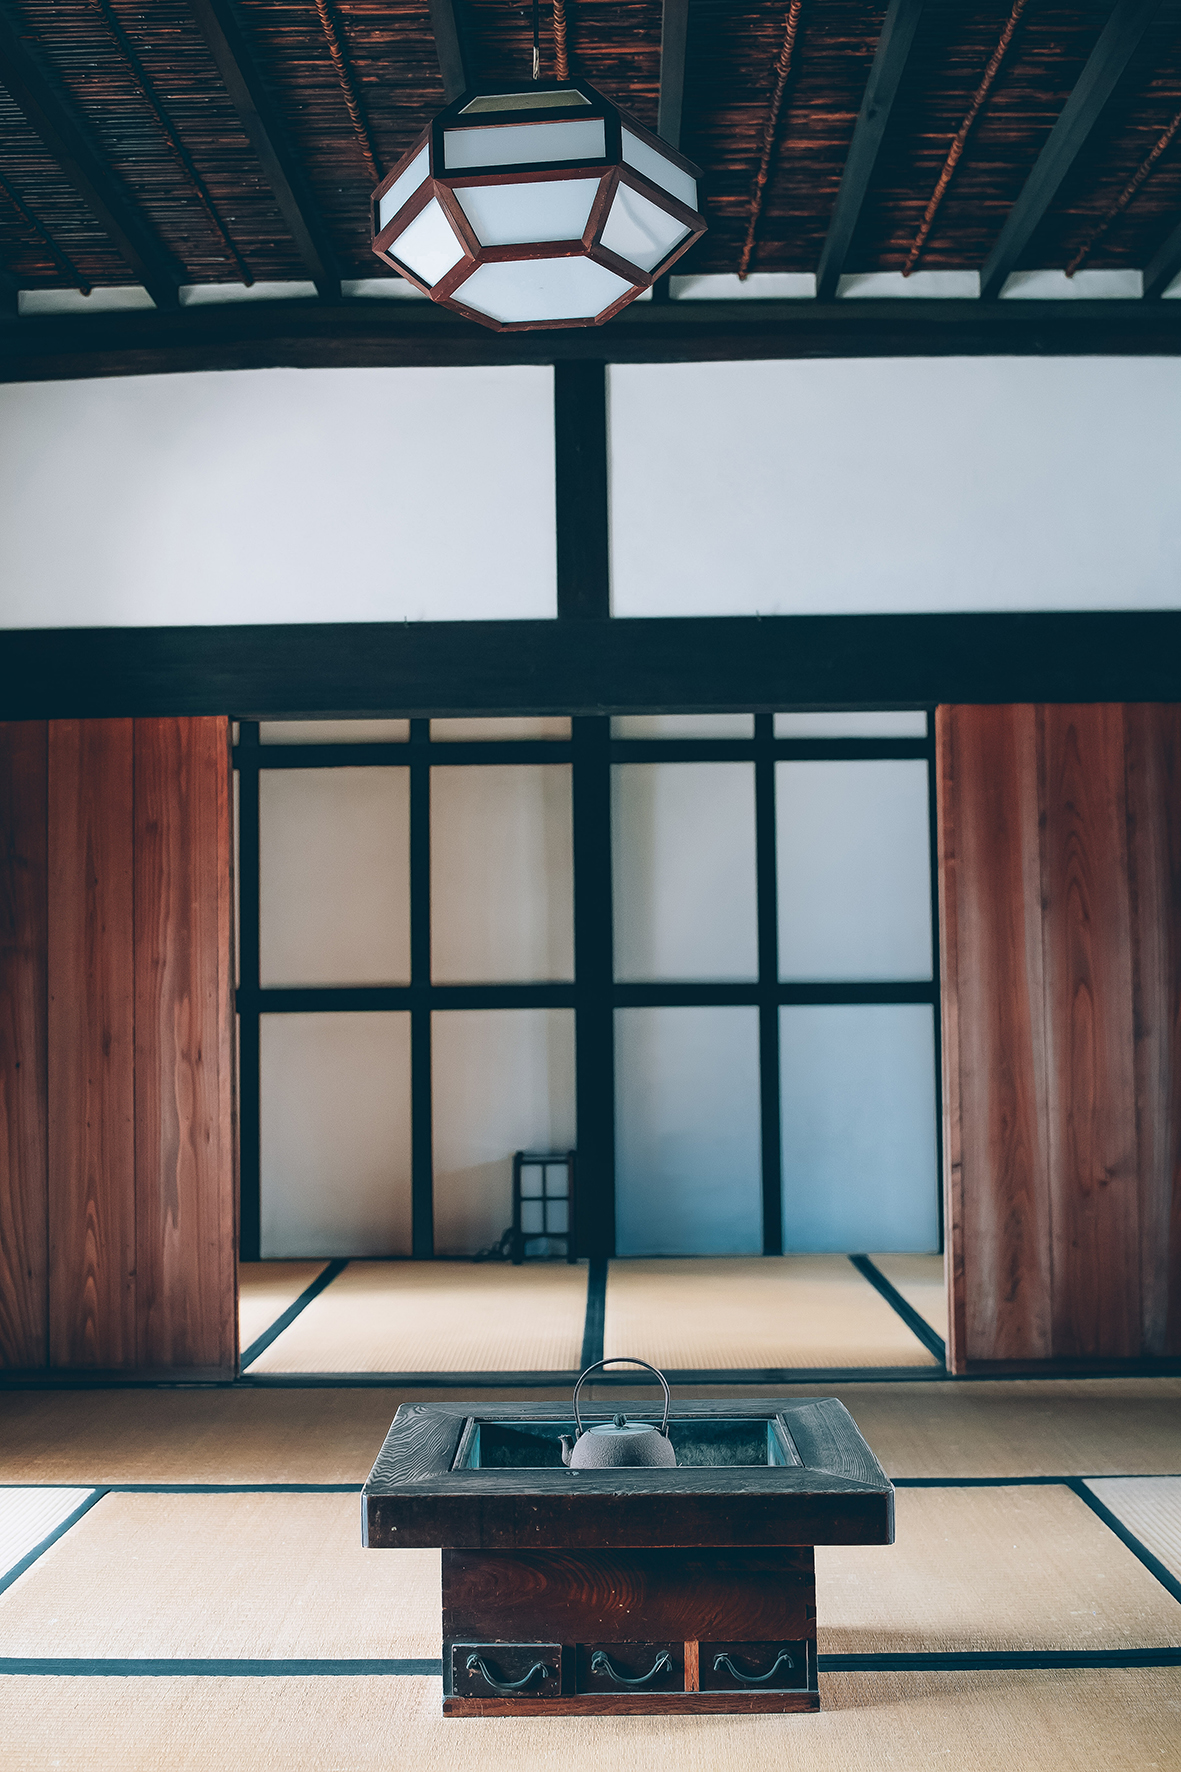 Intérieur maison traditionnelle - Imaicho, Nara